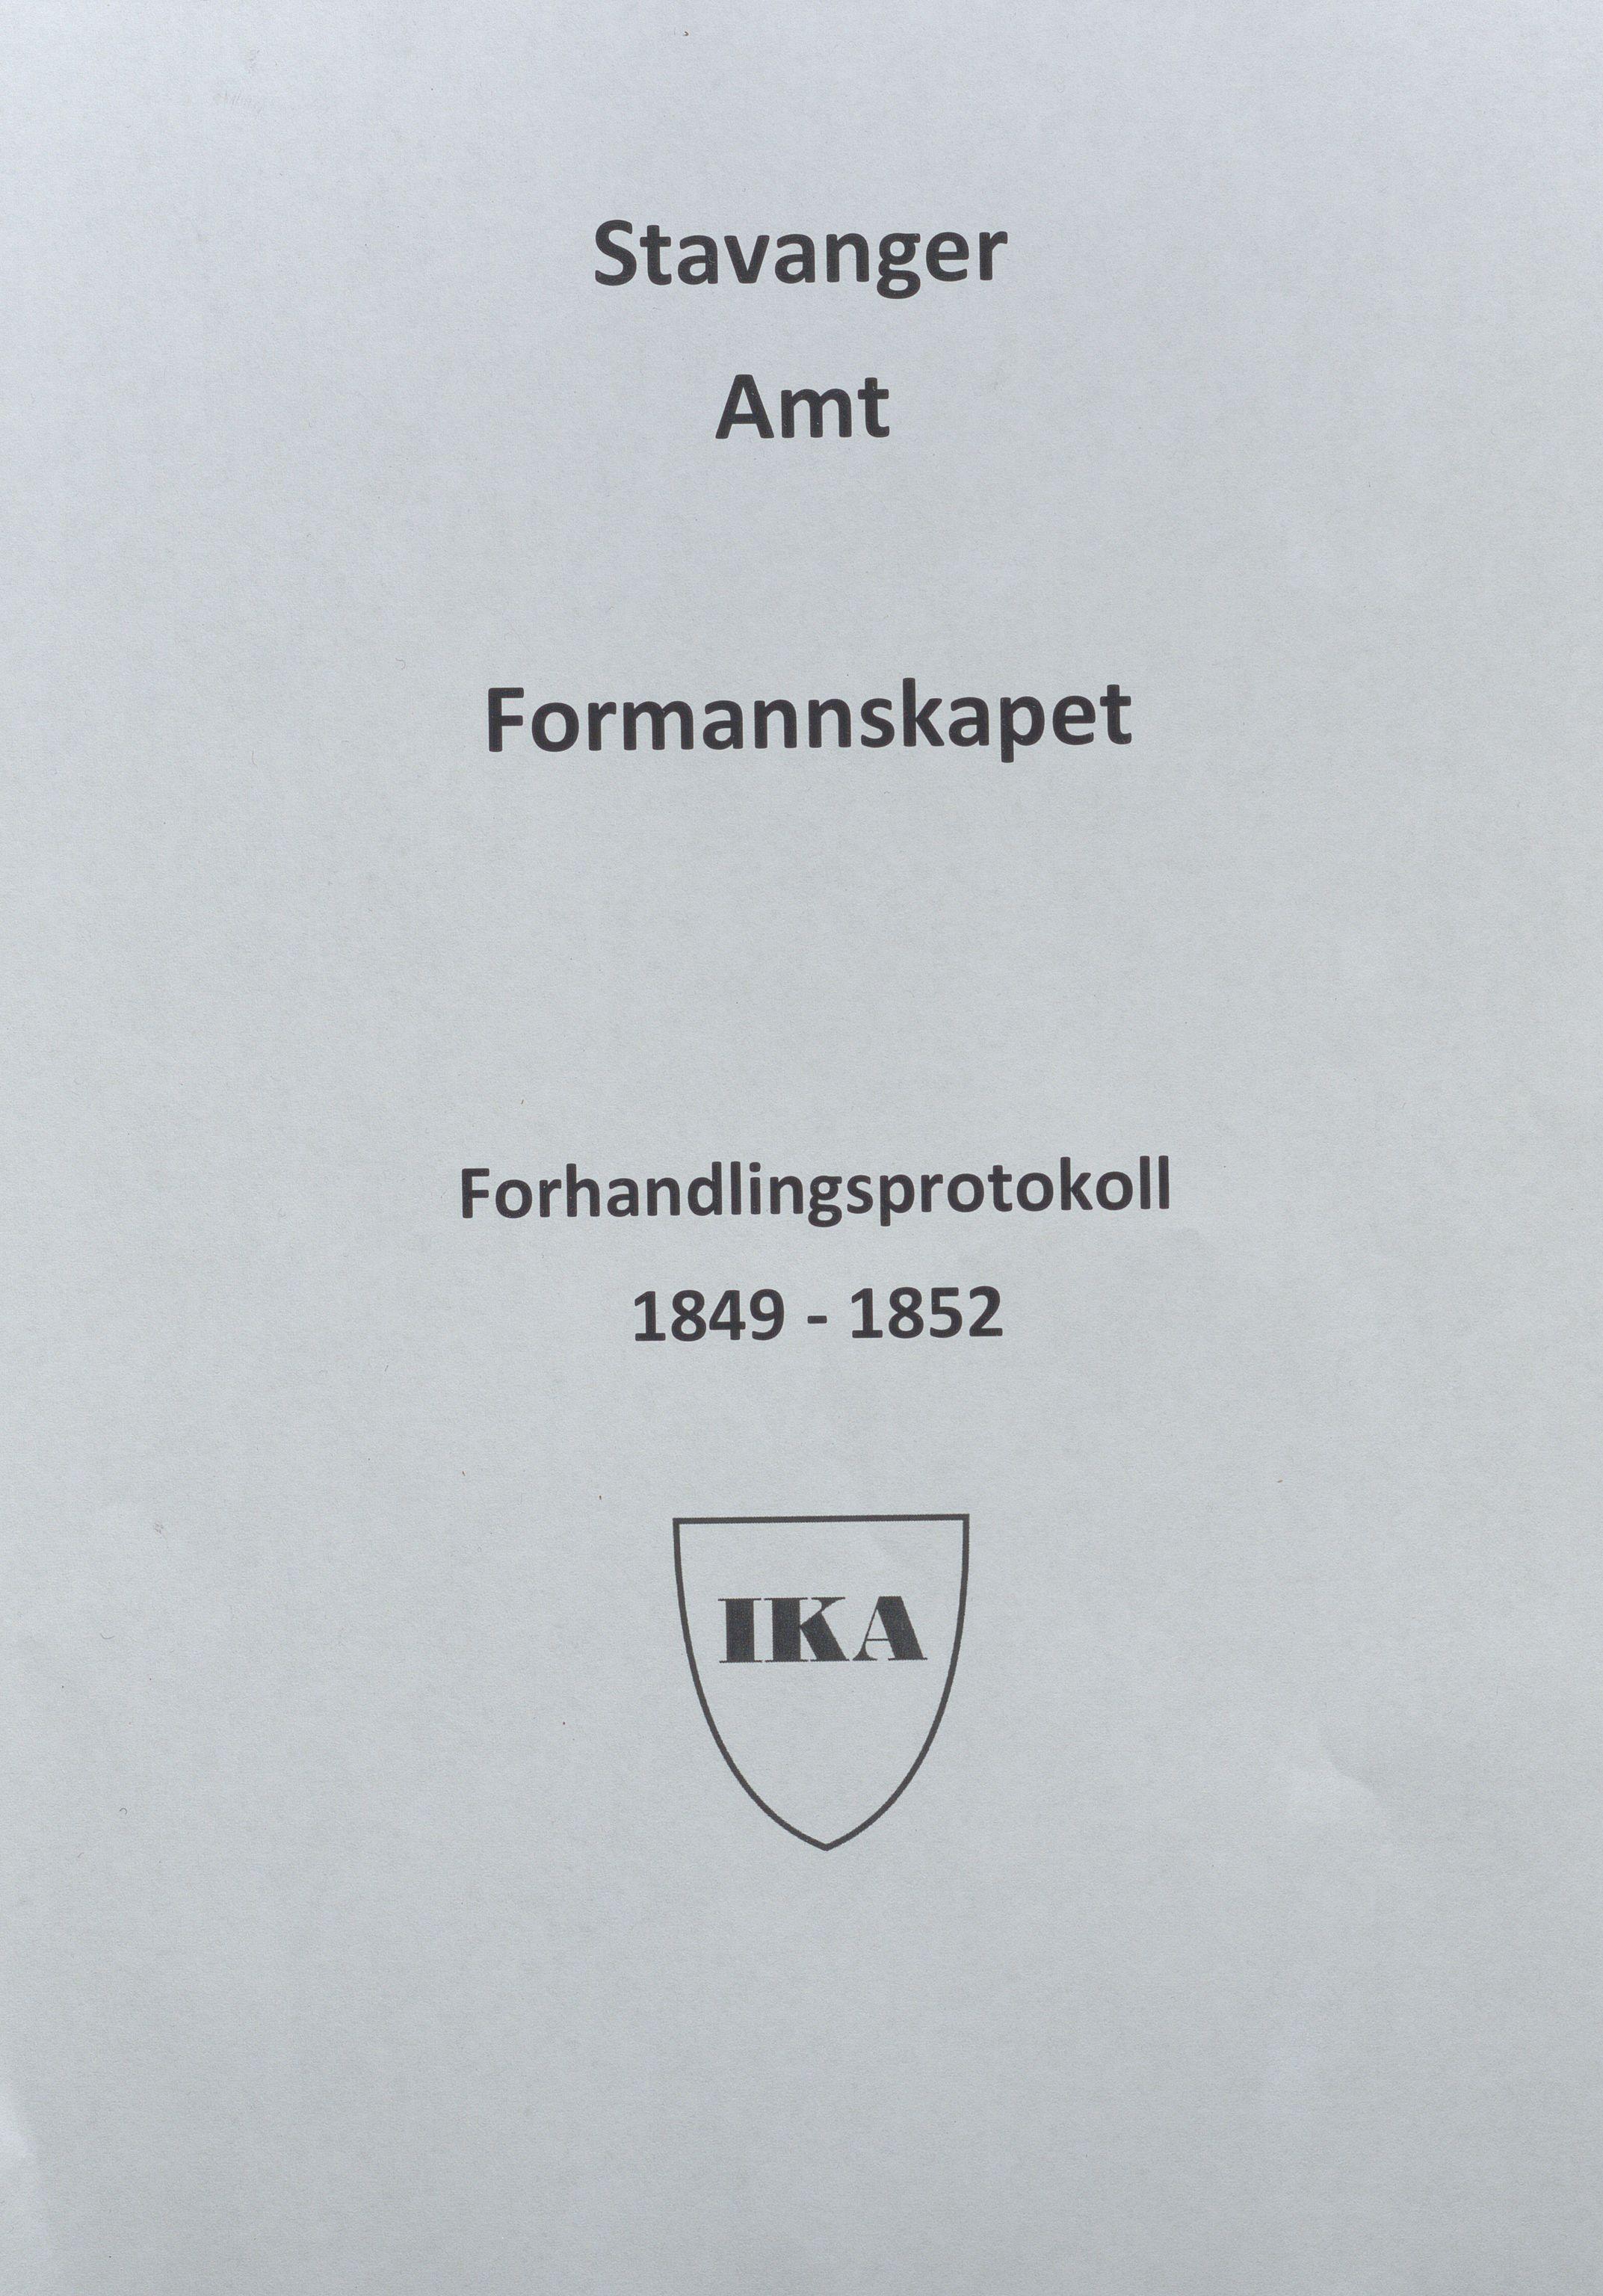 IKAR, Rogaland fylkeskommune - Fylkesrådmannen , A, 1849-1852